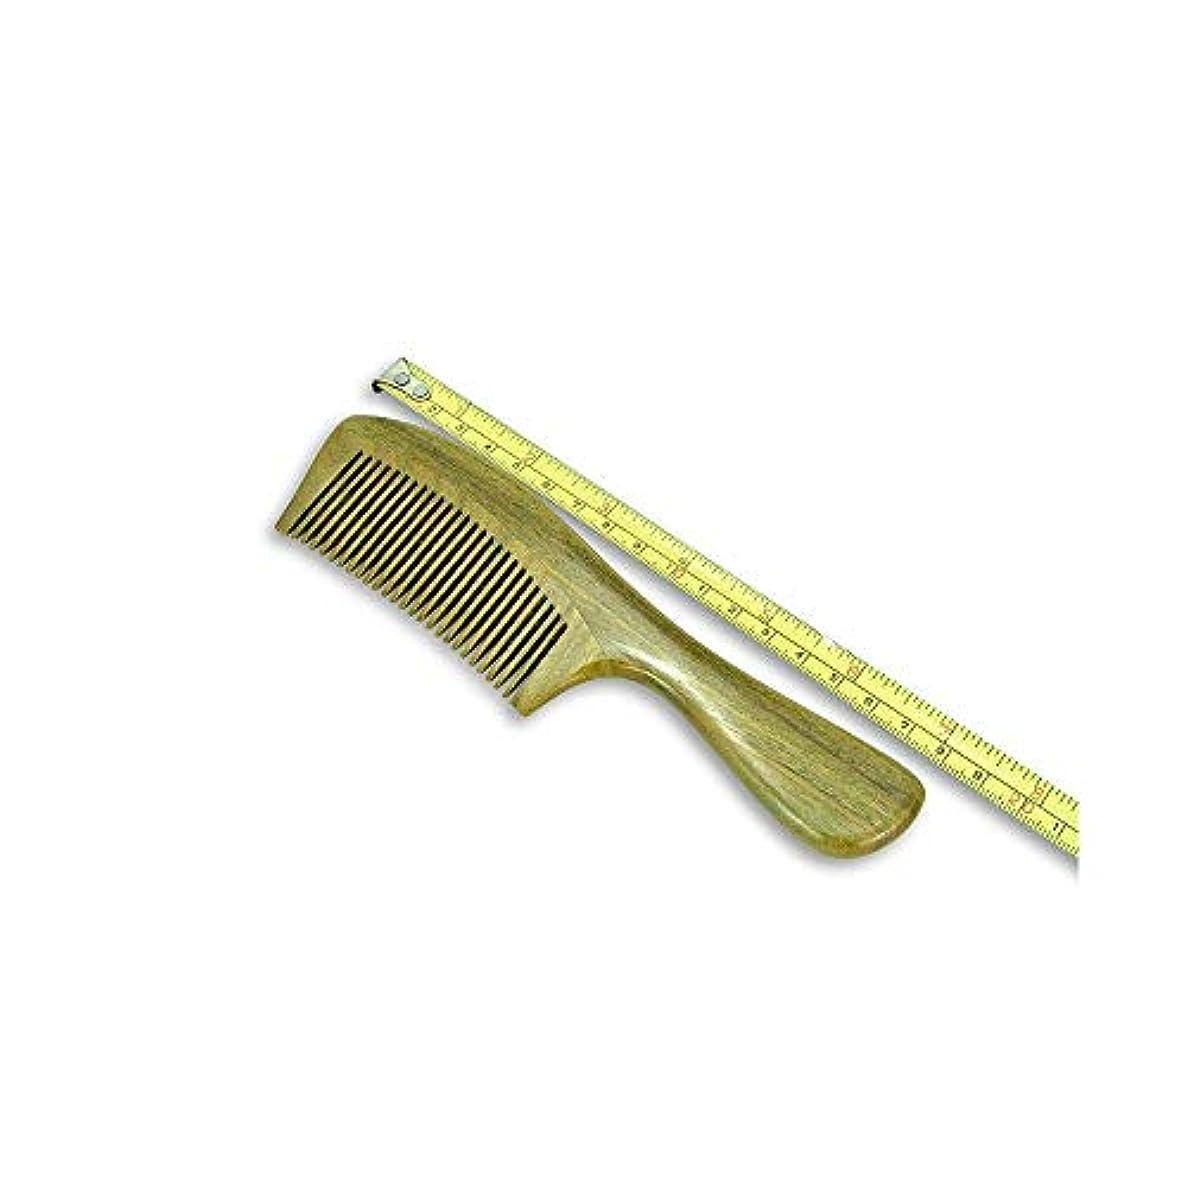 説明的発表用心深いFashianナチュラルグリーンサンダルウッドの木製くし手作り抗静的ワイドで薄い歯 ヘアケア